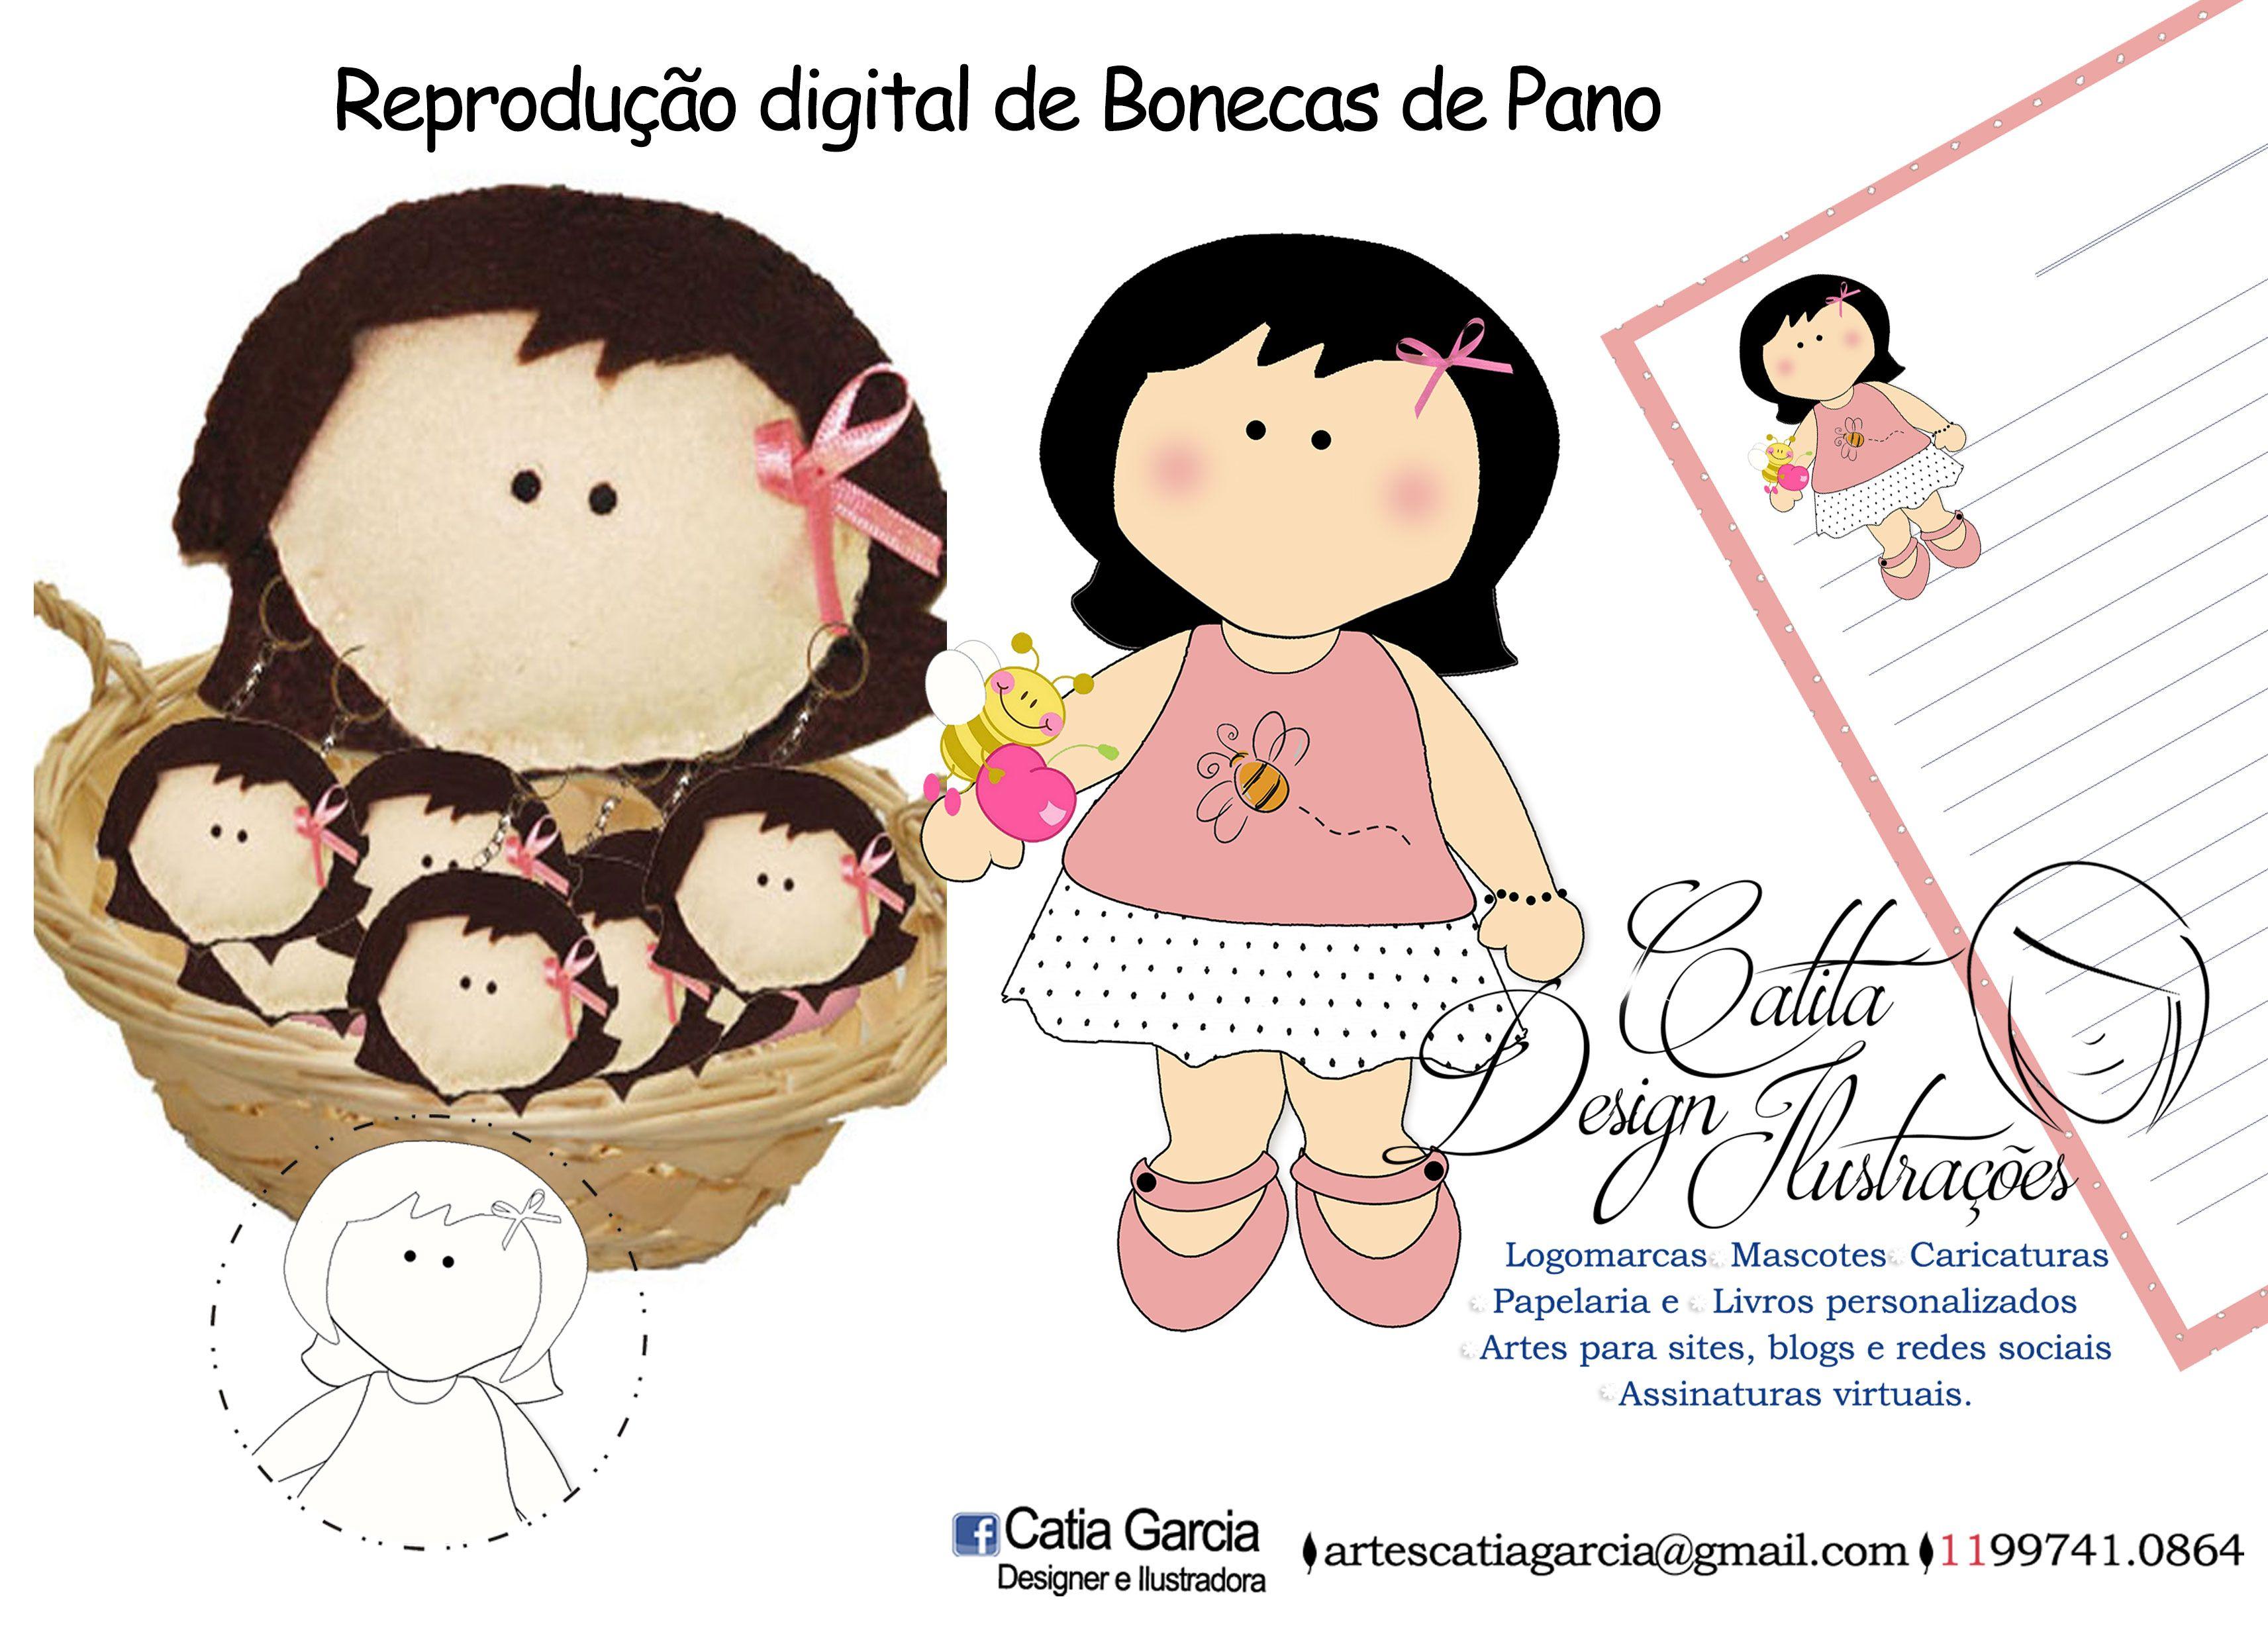 Bonecas de Pano & Ilustrações https://www.facebook.com/catiagarciailustradora#